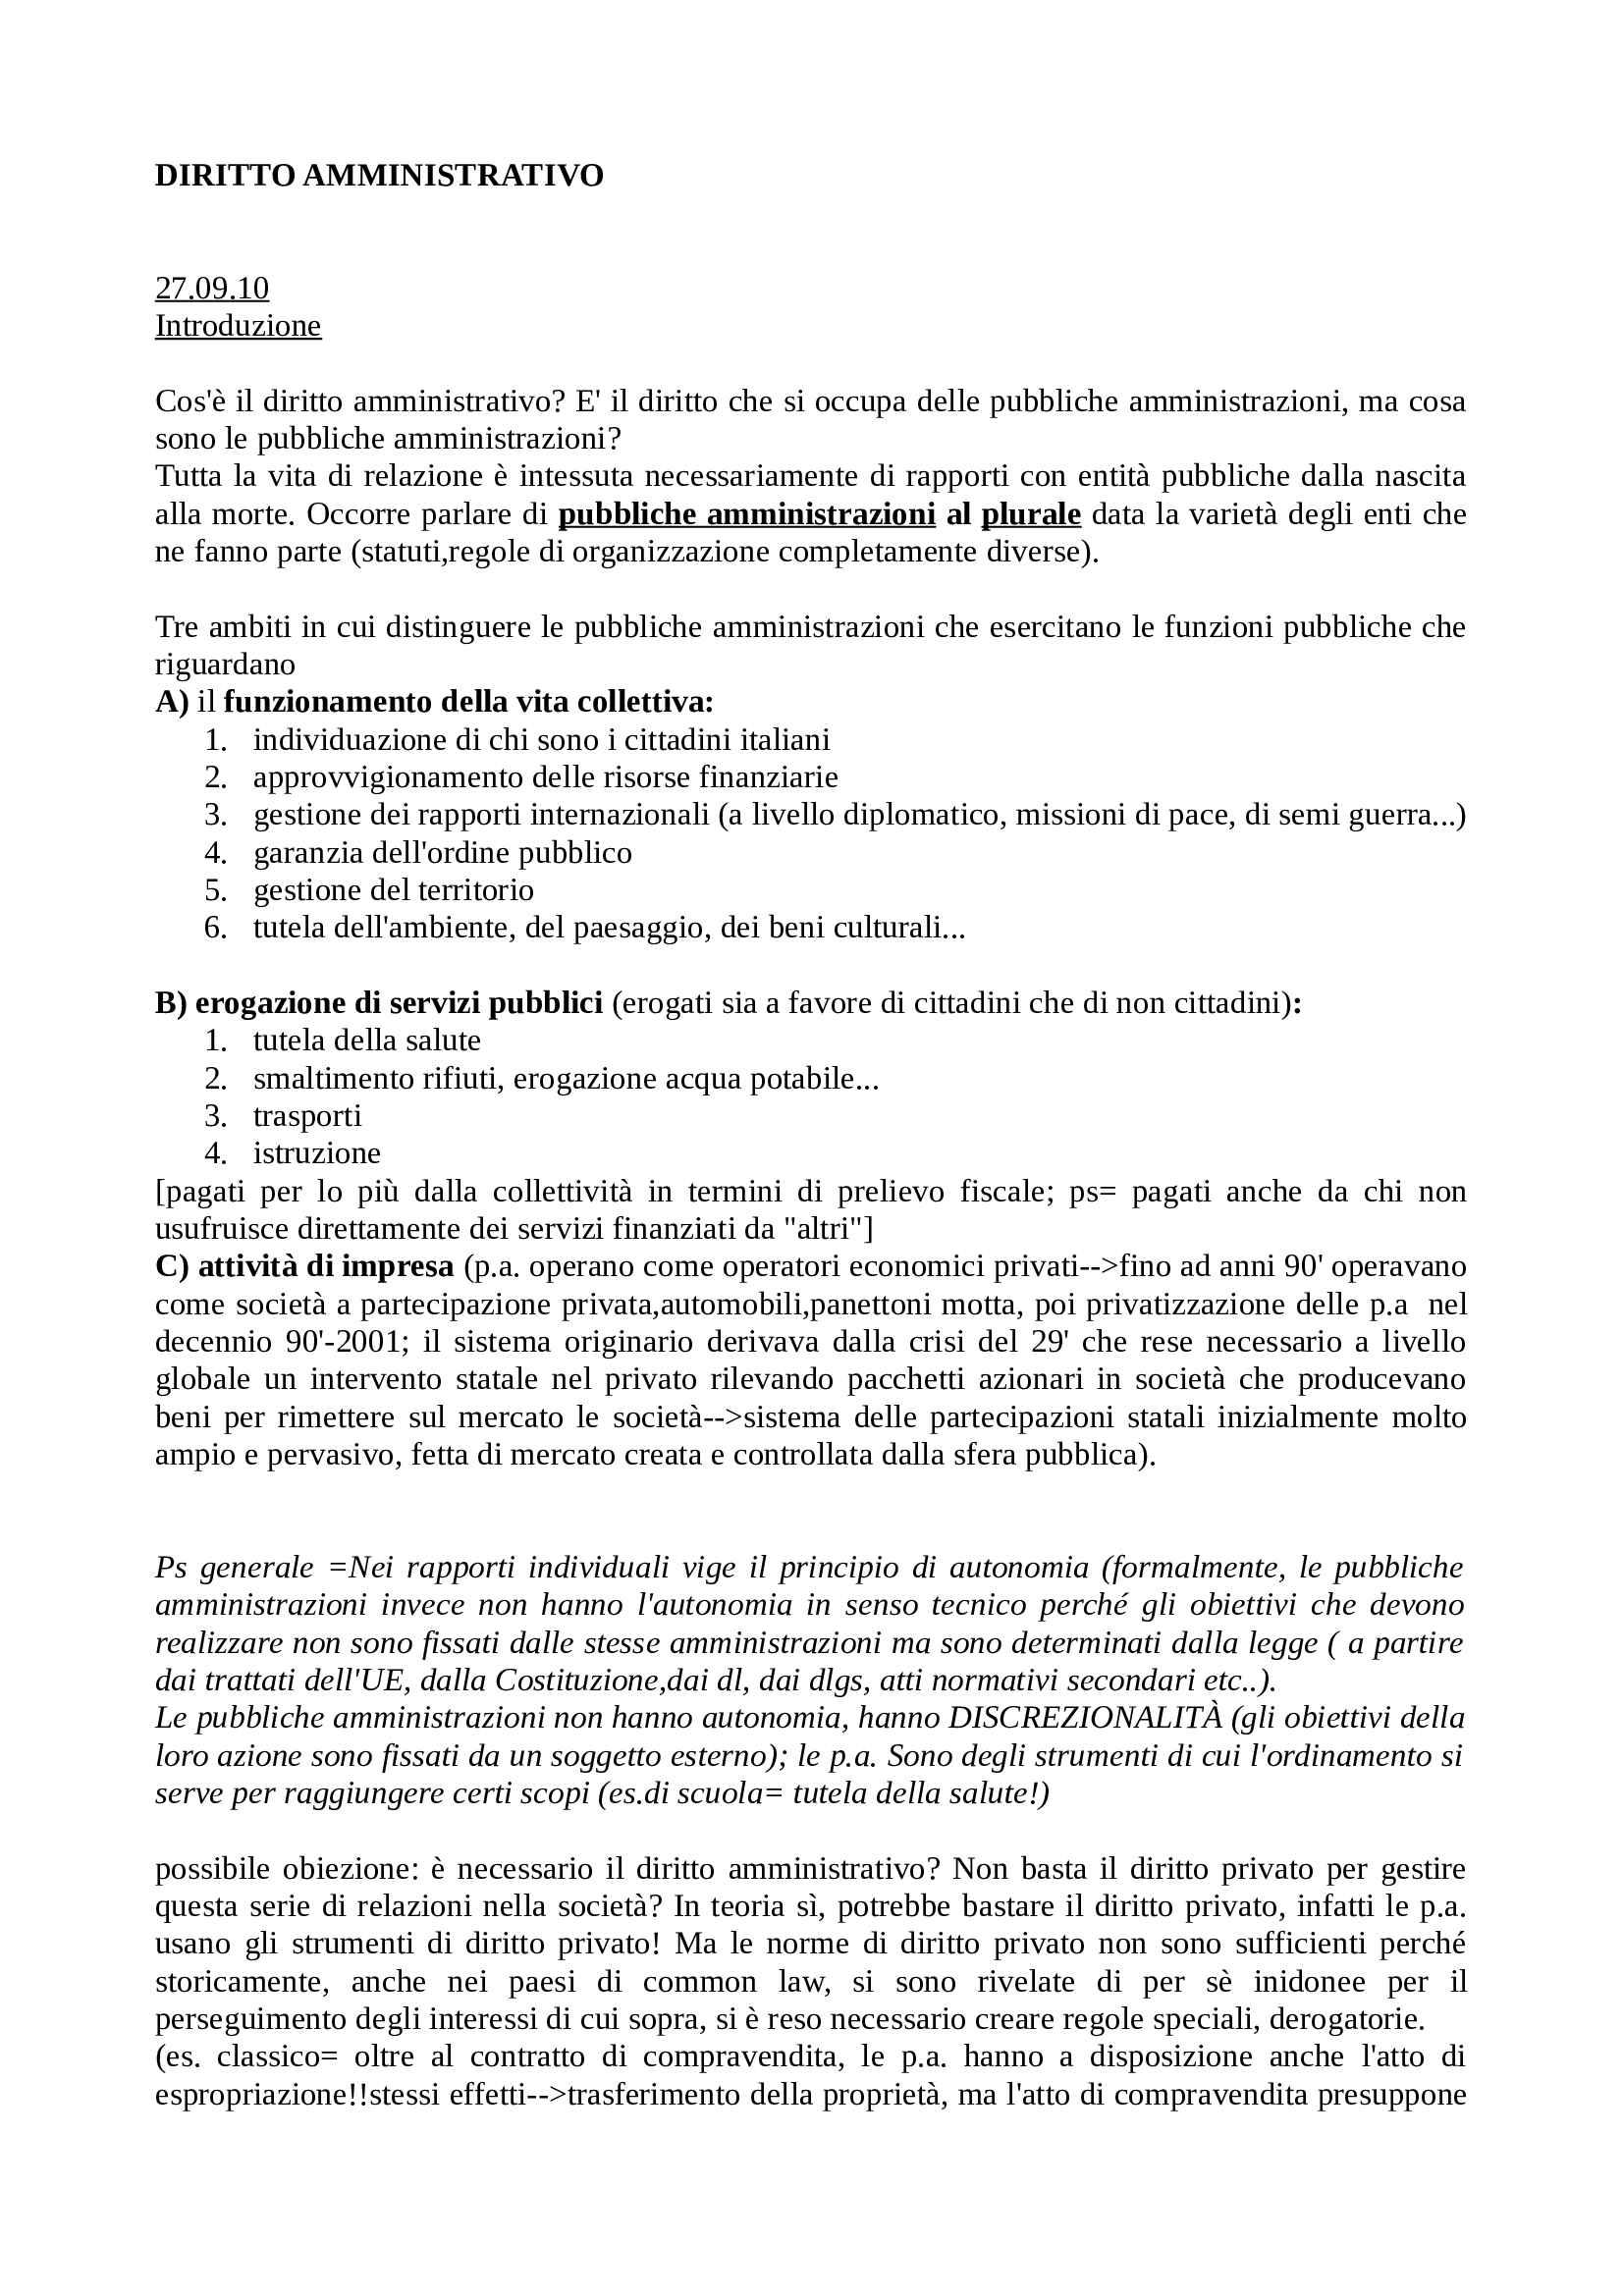 Diritto amministrativo - Appunti Pag. 1